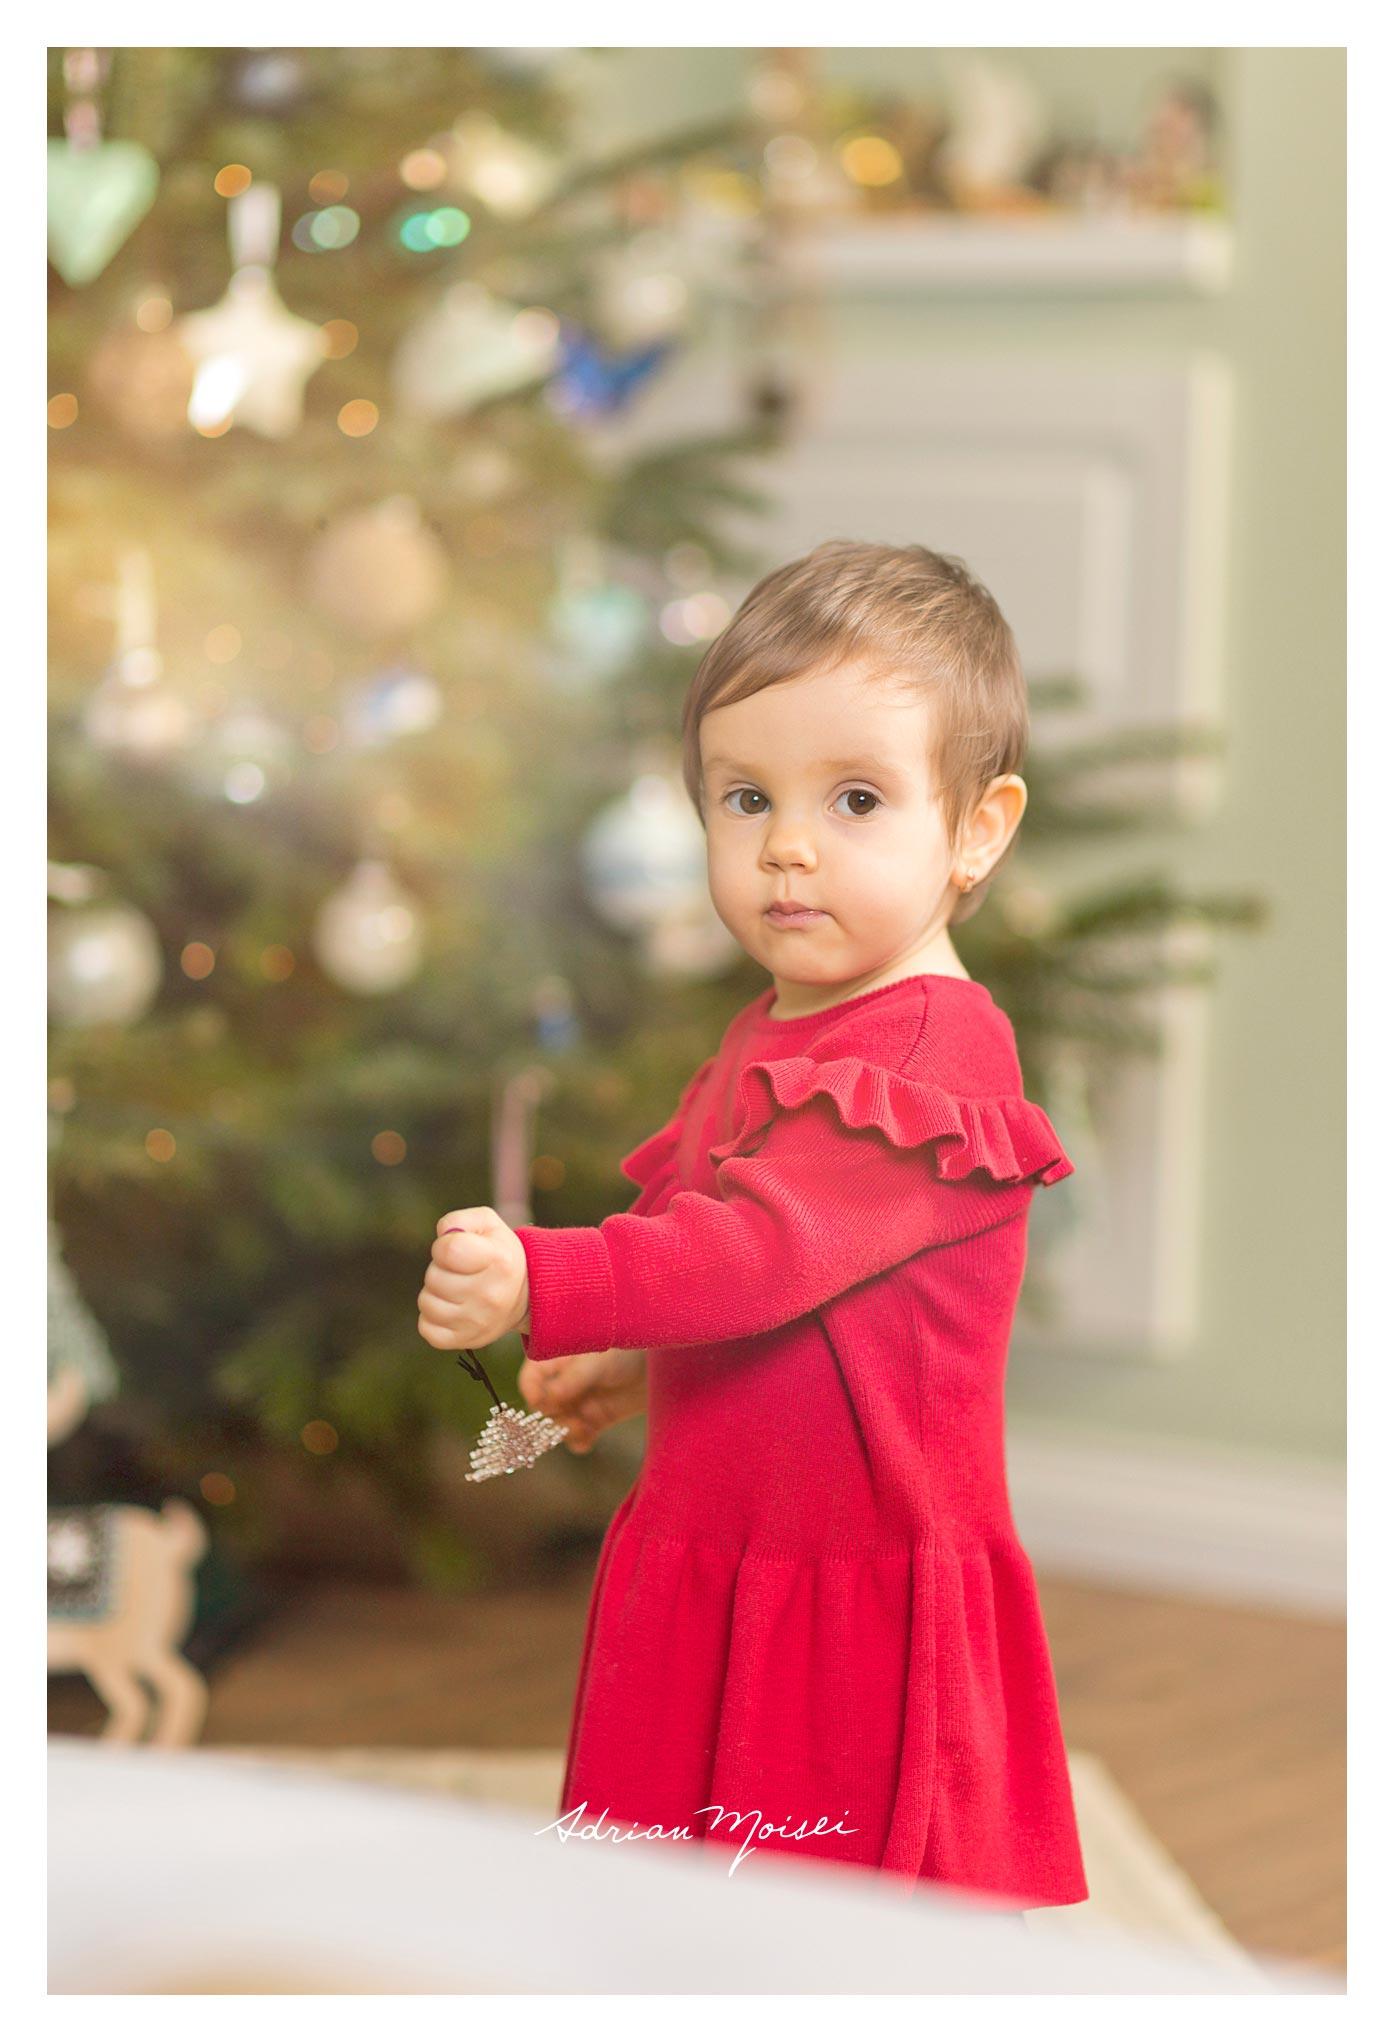 Fotograf de familie - Cămin calduros și-un brăduț frumos - fetiță la doi ani împreună cu părintii ei, fotografie Adrian Moisei